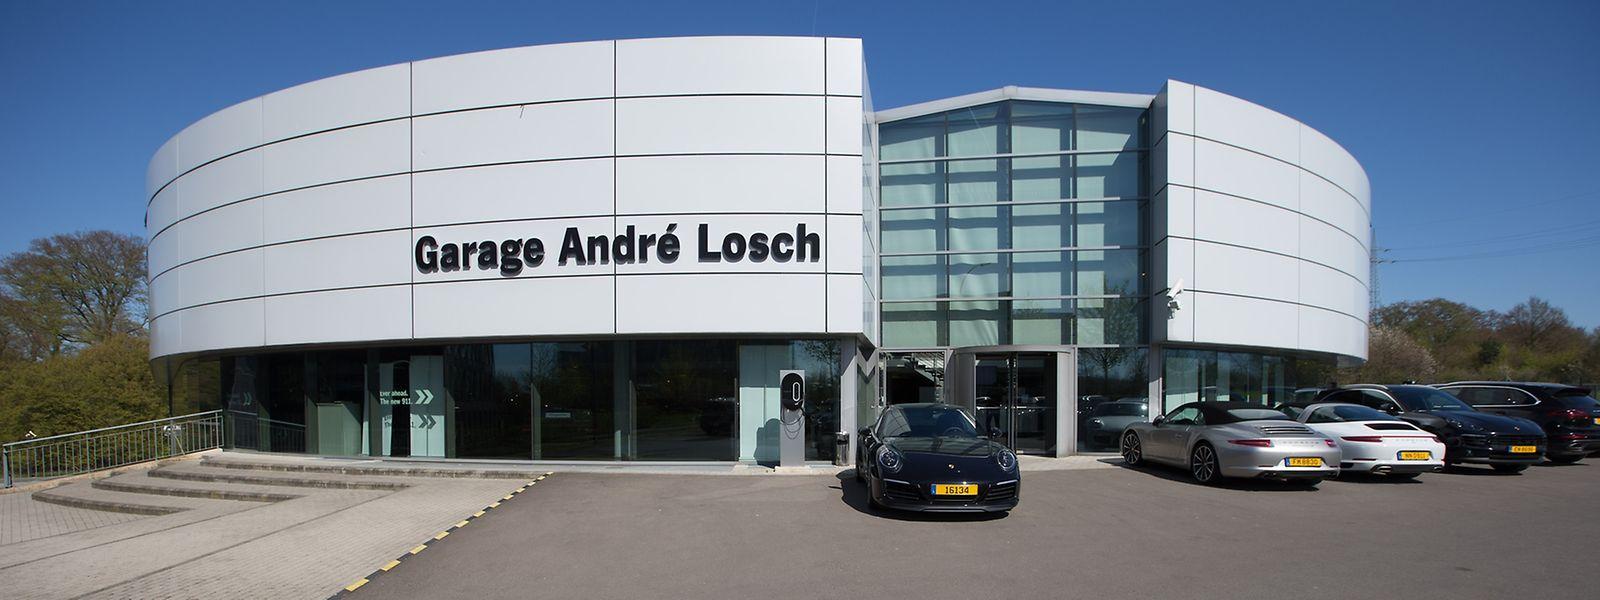 Die Losch-Gruppe ist das größte Branchenunternehmen im Großherzogtum mit Marken wie Volkswagen, Audi, Seat, Skoda, Bentley, Lamborghini und Porsche.